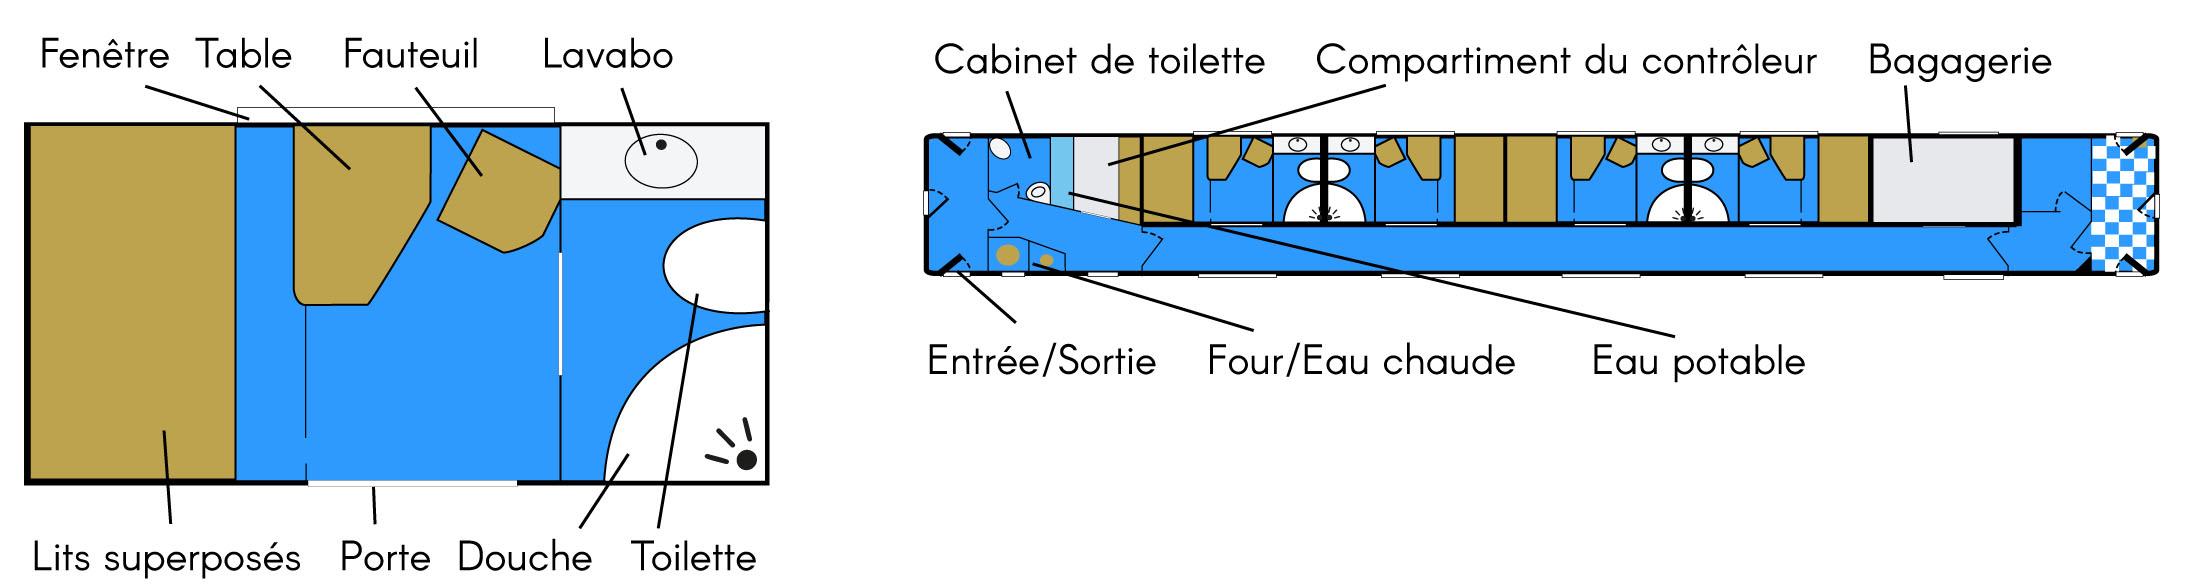 Plan du compartiment Calife dans le train Registan